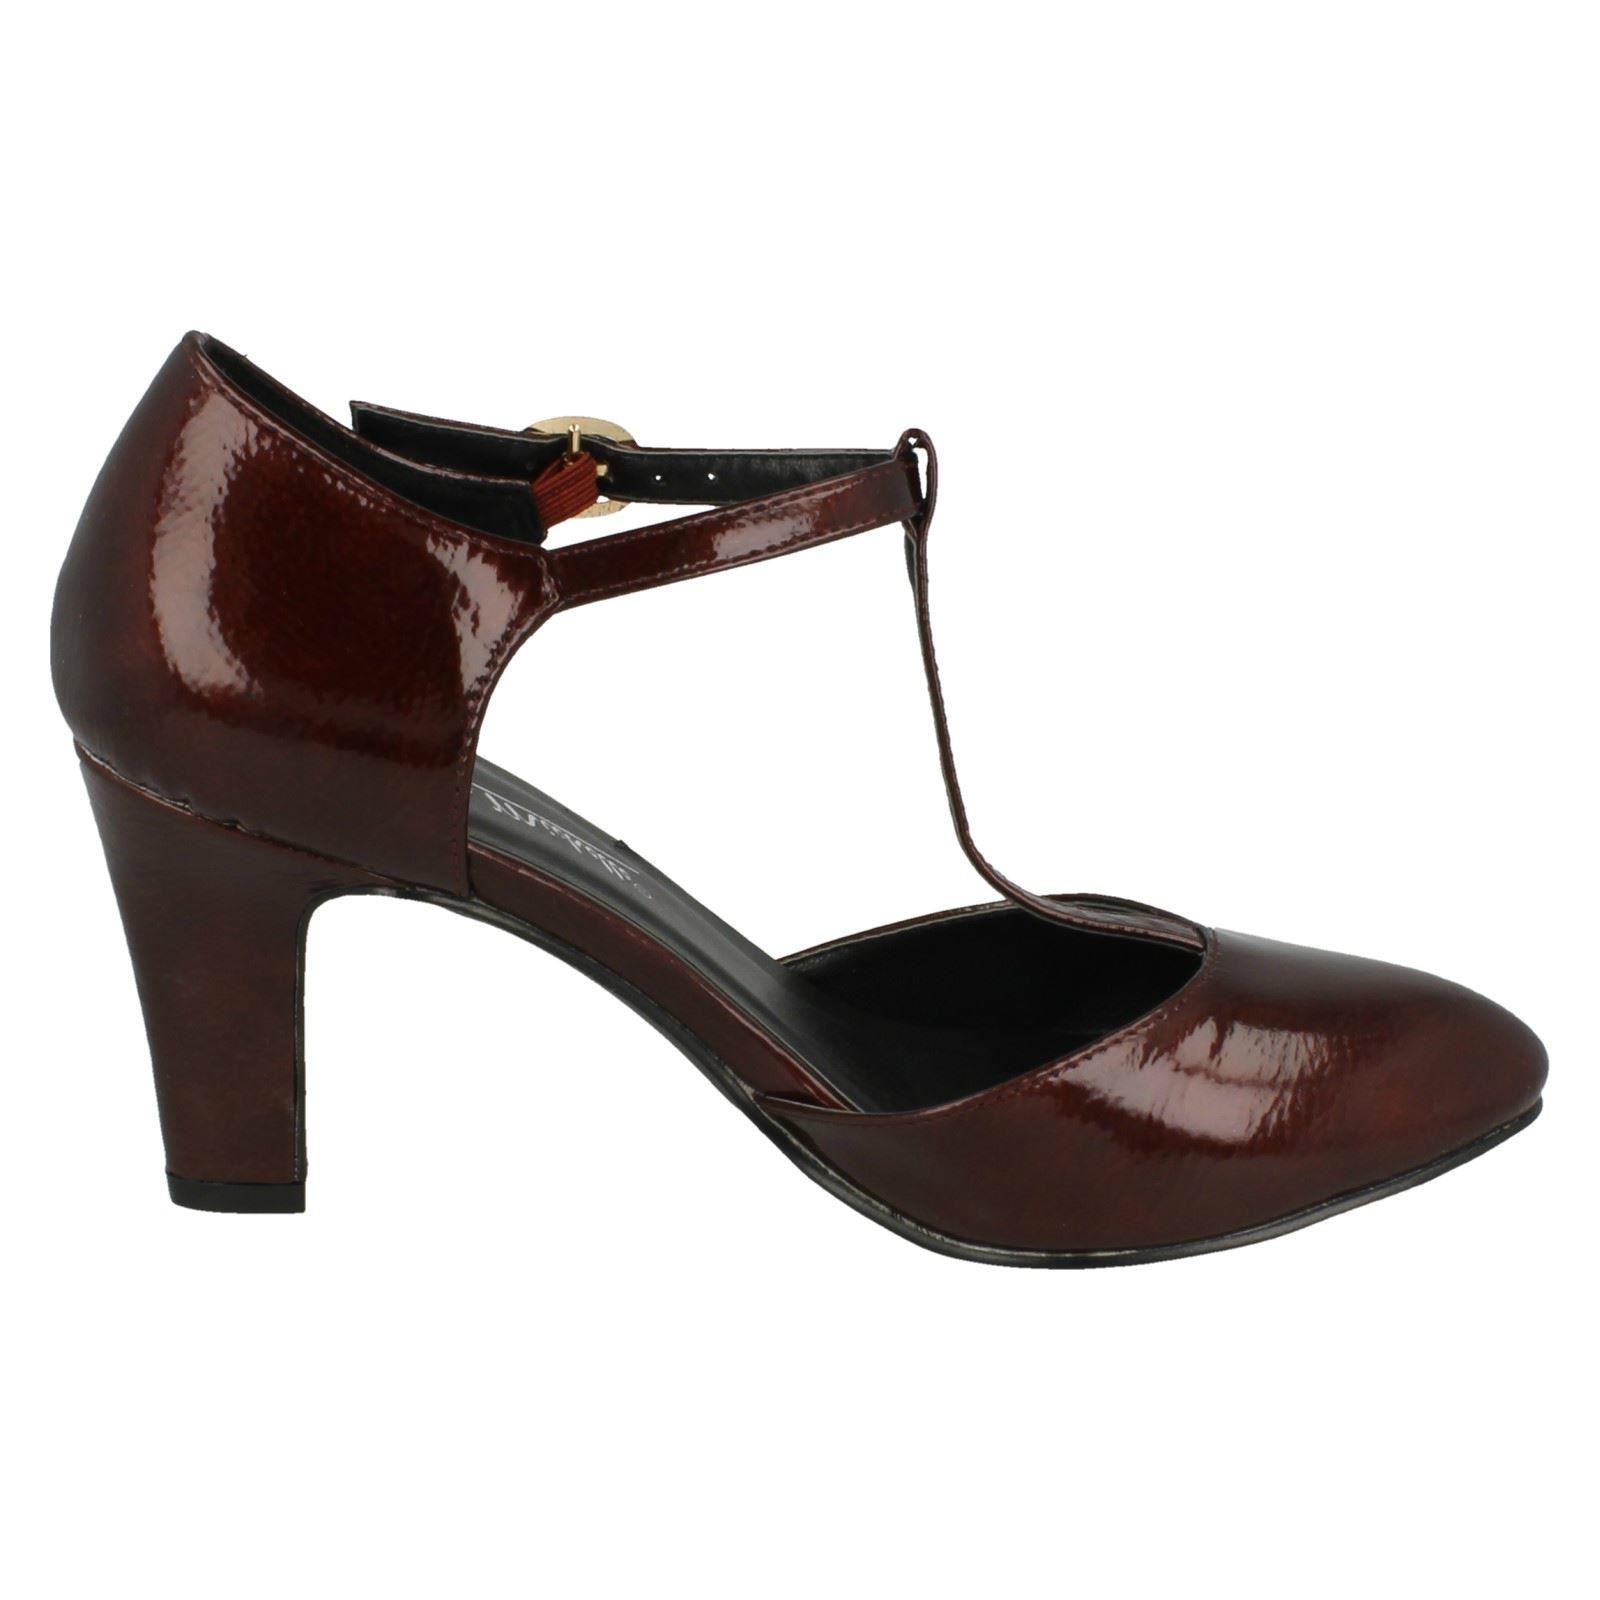 Ladies-Anne-Michelle-T-Bar-Smart-Shoes thumbnail 25